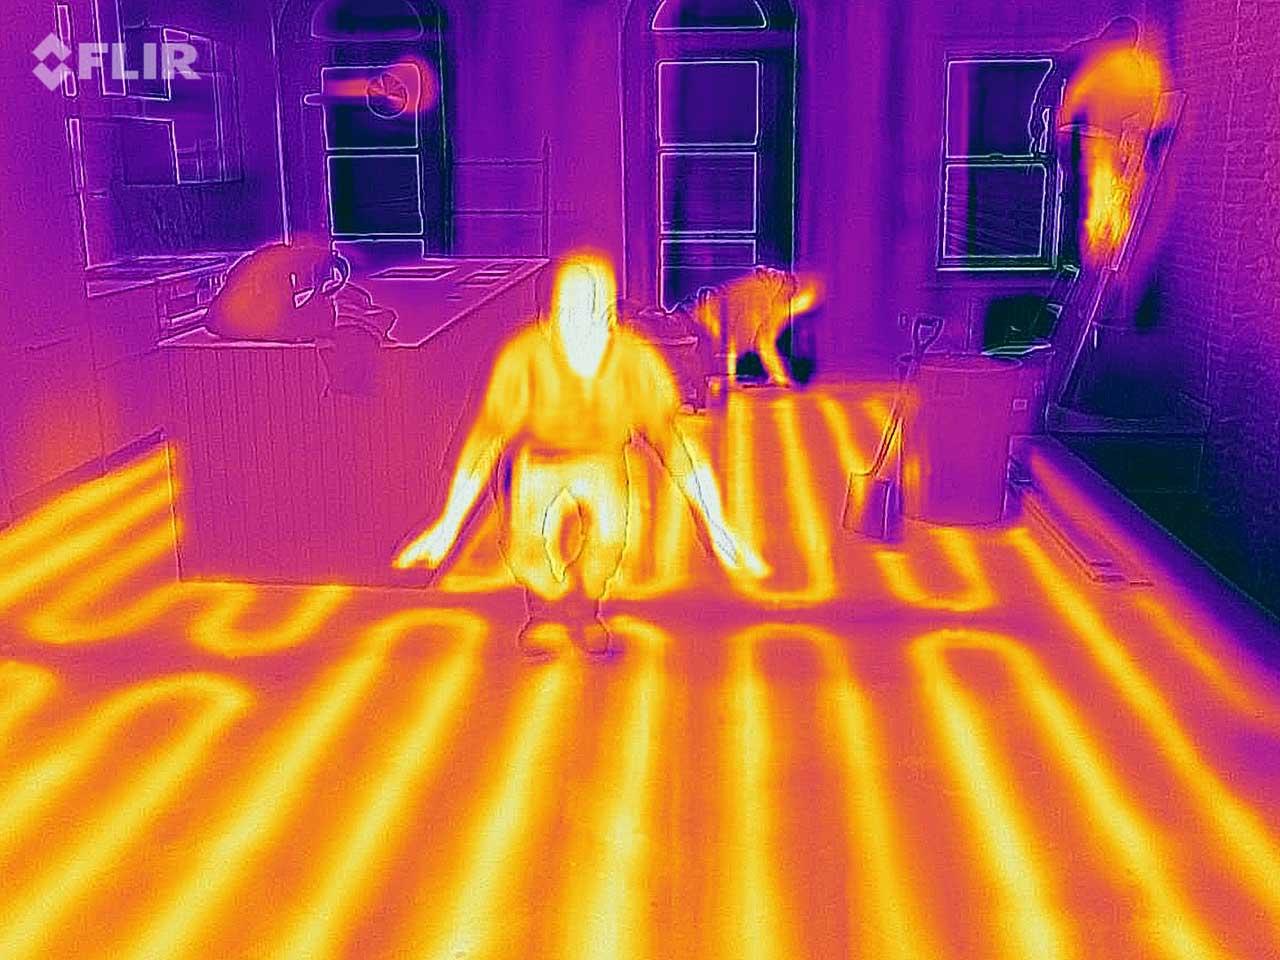 TheBuild.tv Firehouse Project Episode 9: Core Interior + Exterior Facade [VIDEO]